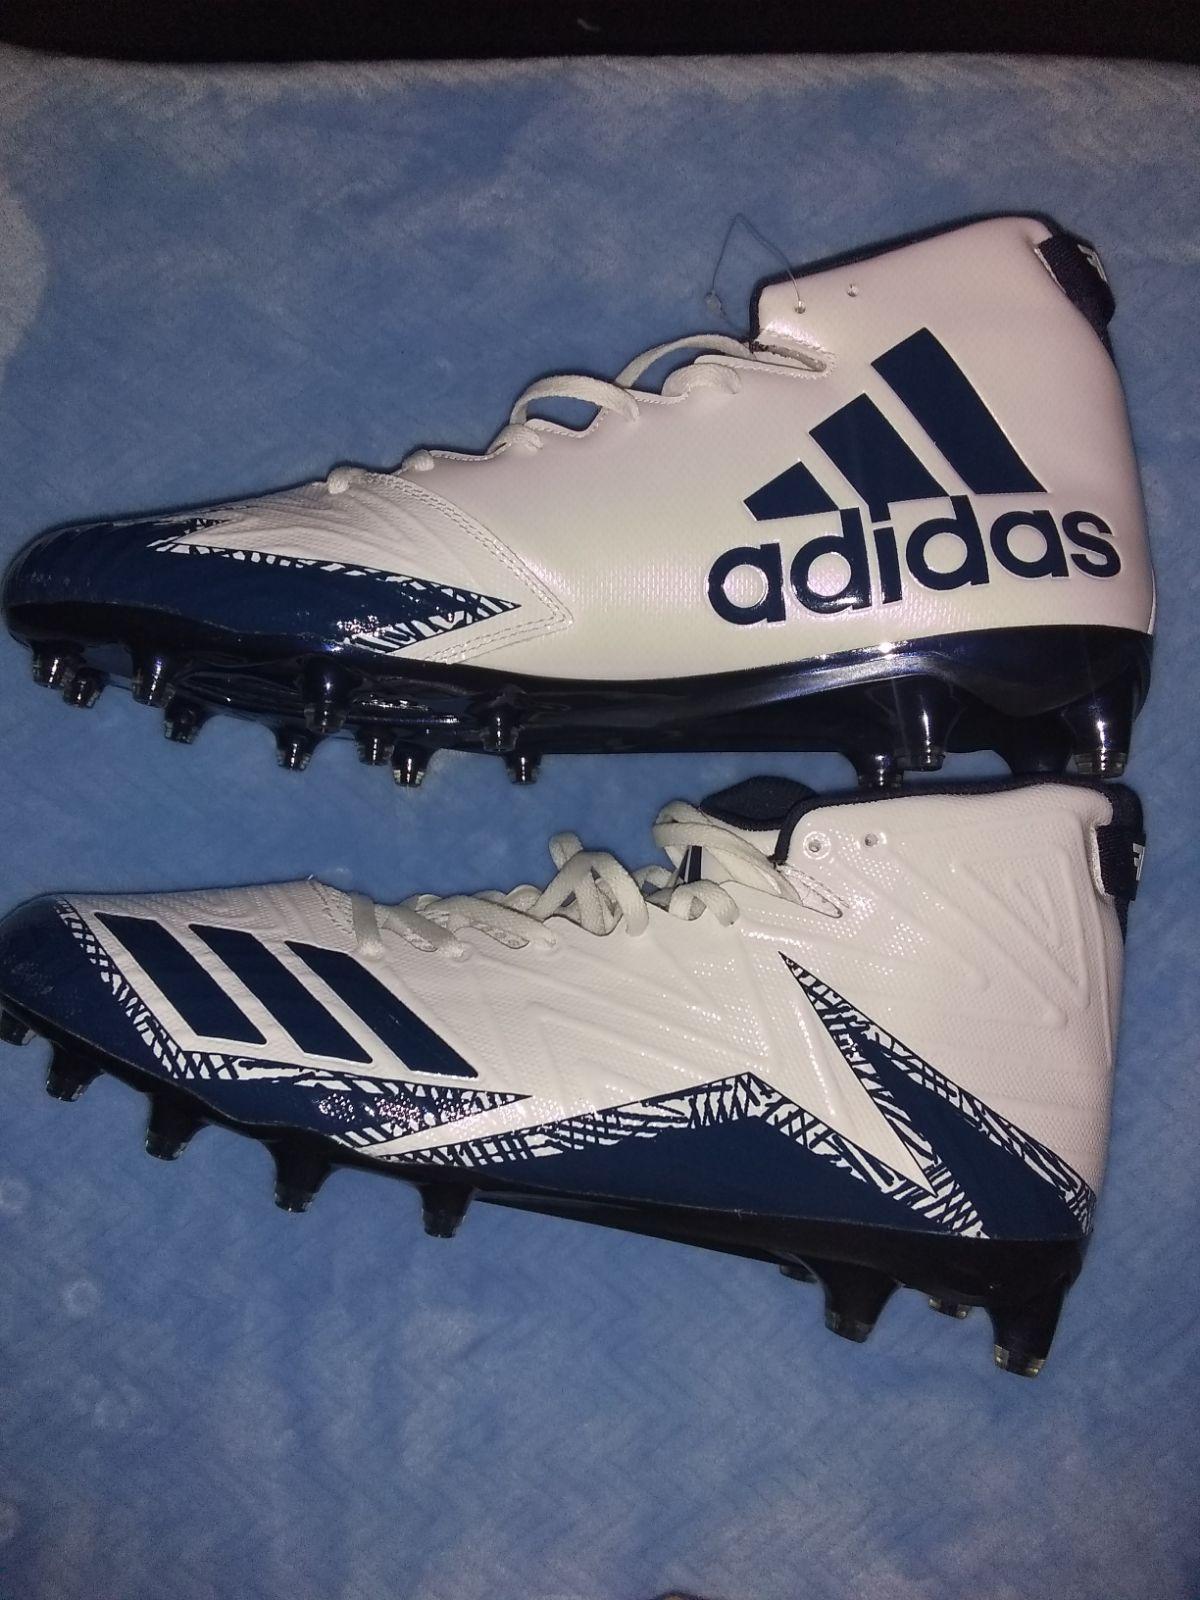 Adidas cleats, Adidas football